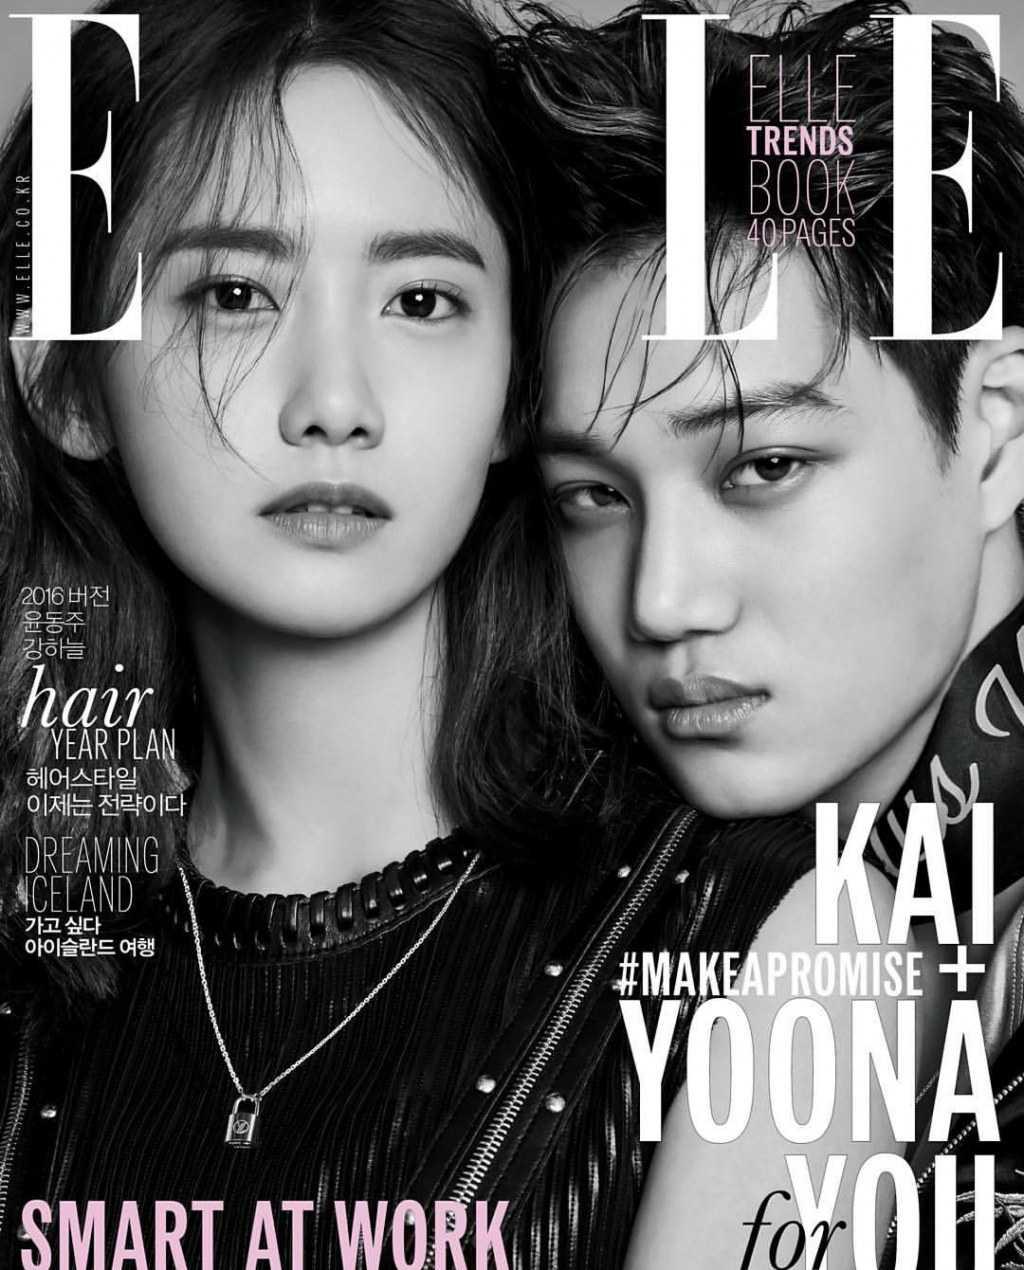 yoona kai idol couple photo